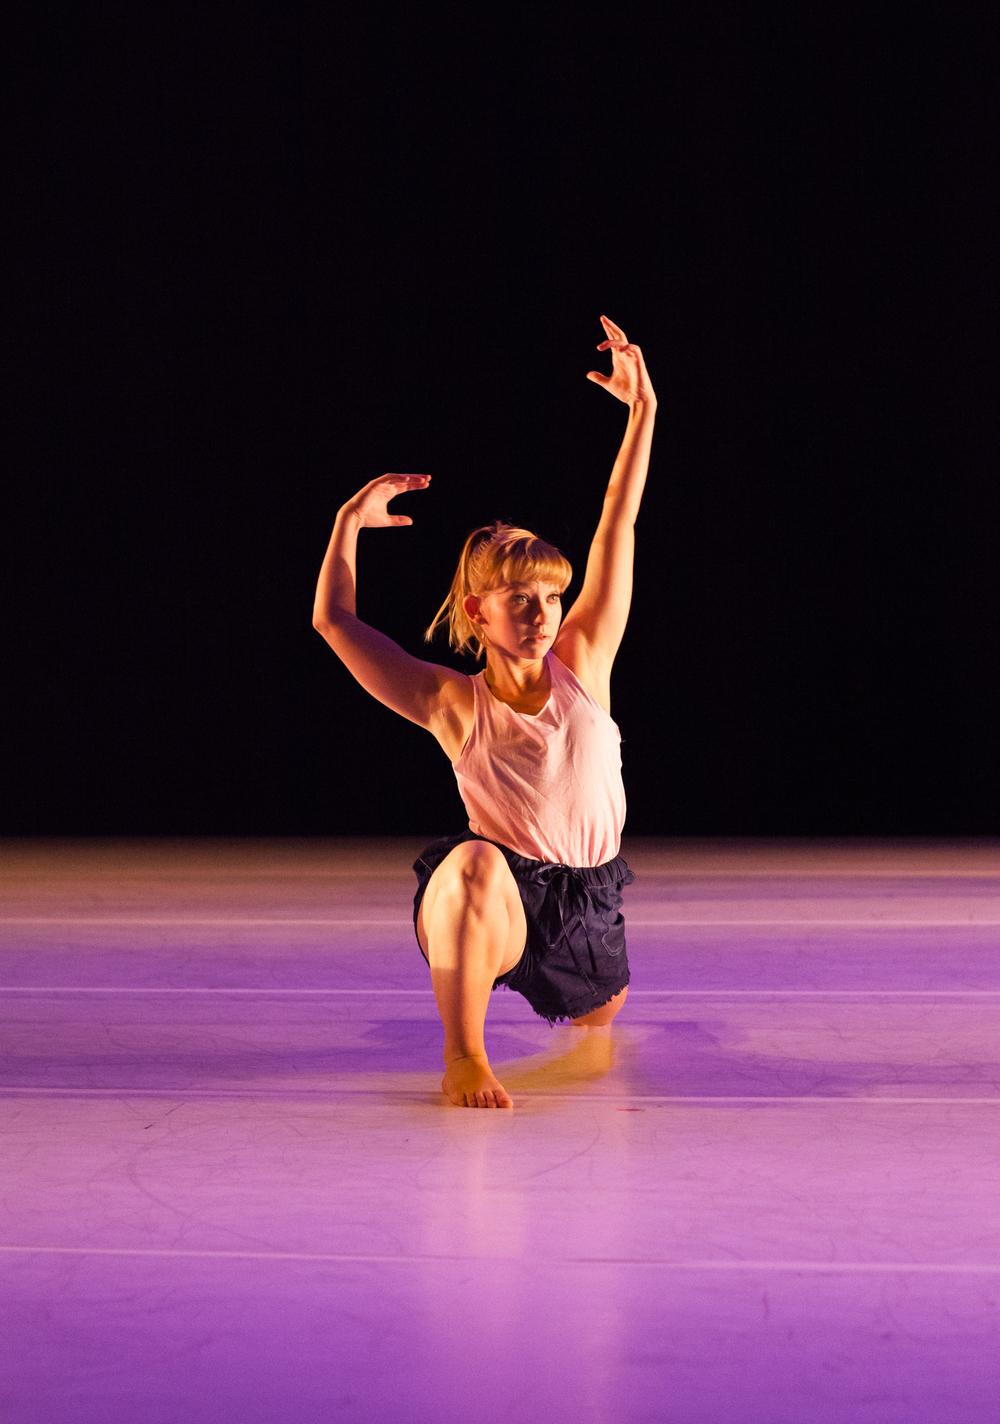 151209_Dance_SeniorConcert_PDembinski-0295.jpg